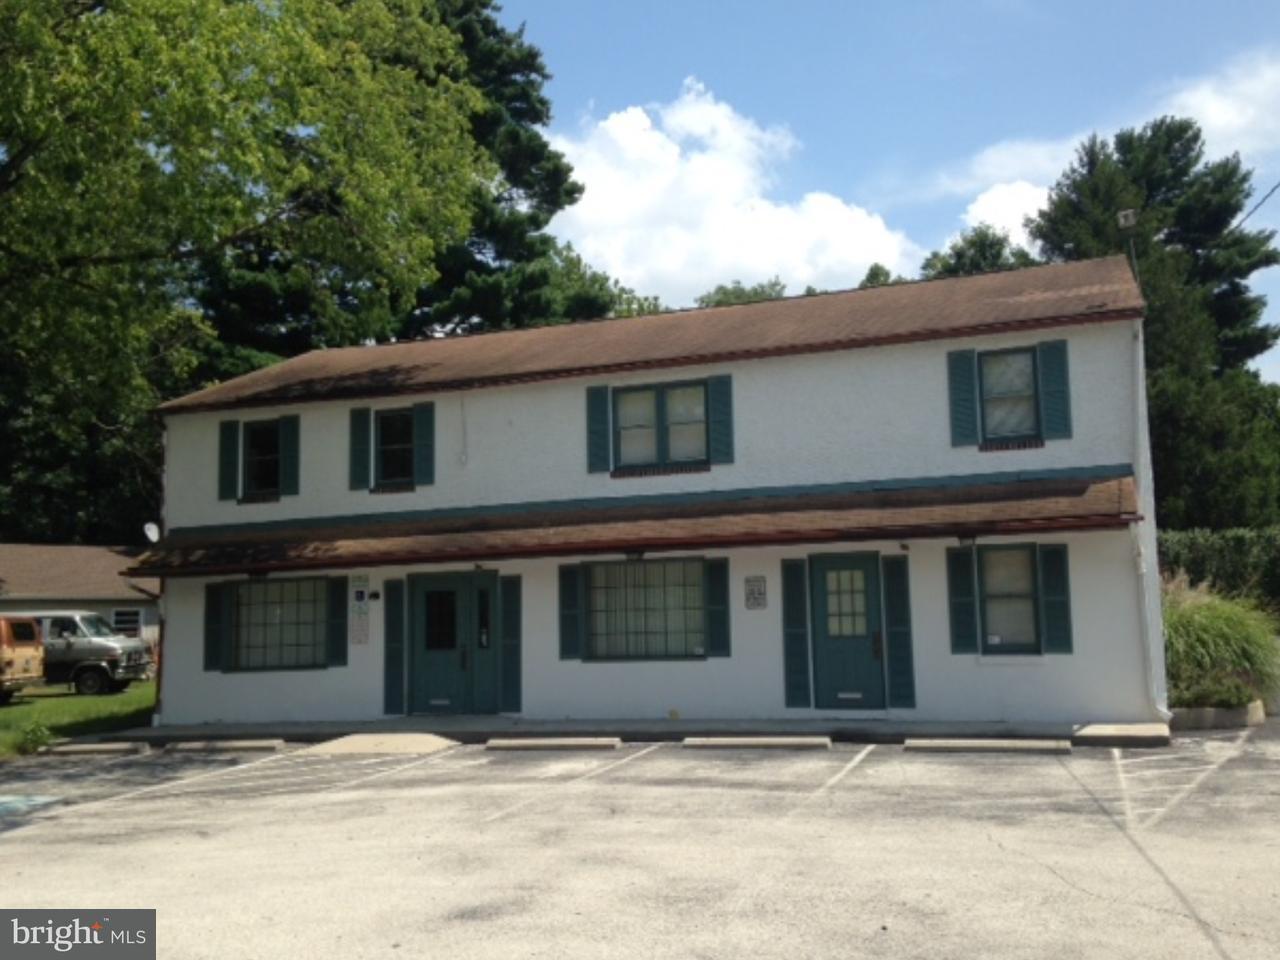 Maison unifamiliale pour l Vente à 1032 S PARK Avenue Audubon, Pennsylvanie 19403 États-Unis